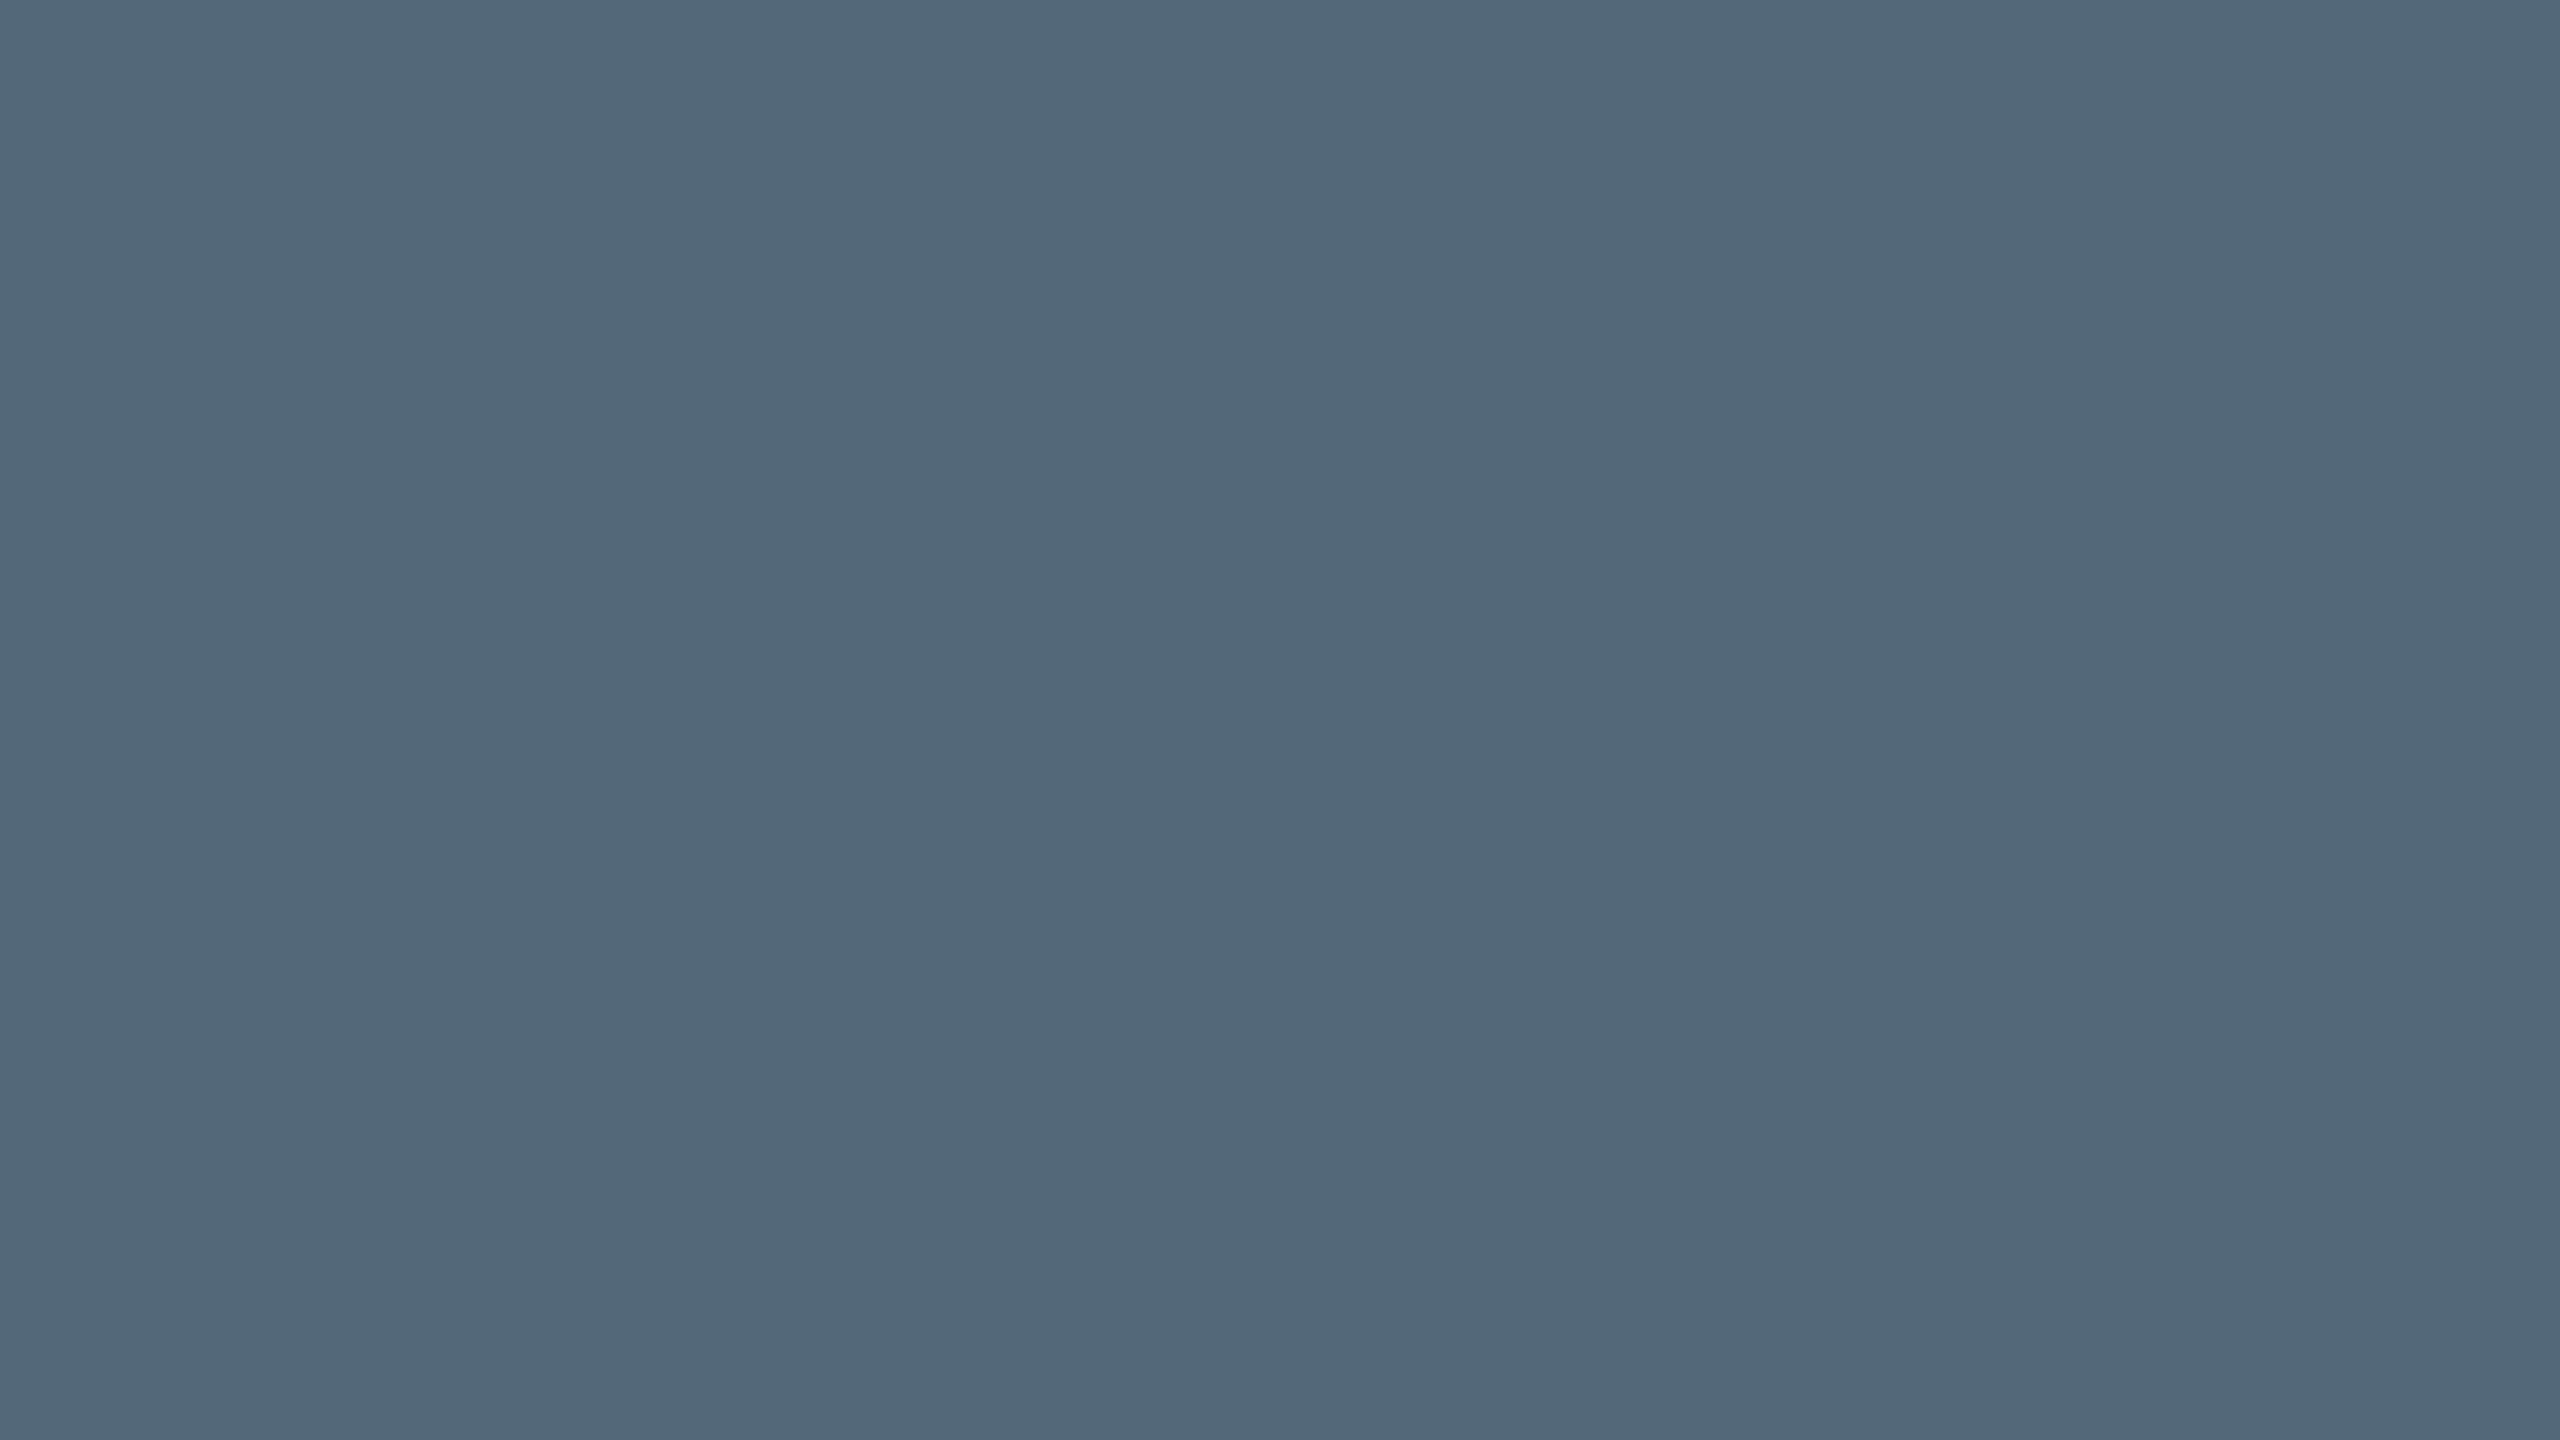 2560x1440 dark electric blue solid color background. Black Bedroom Furniture Sets. Home Design Ideas